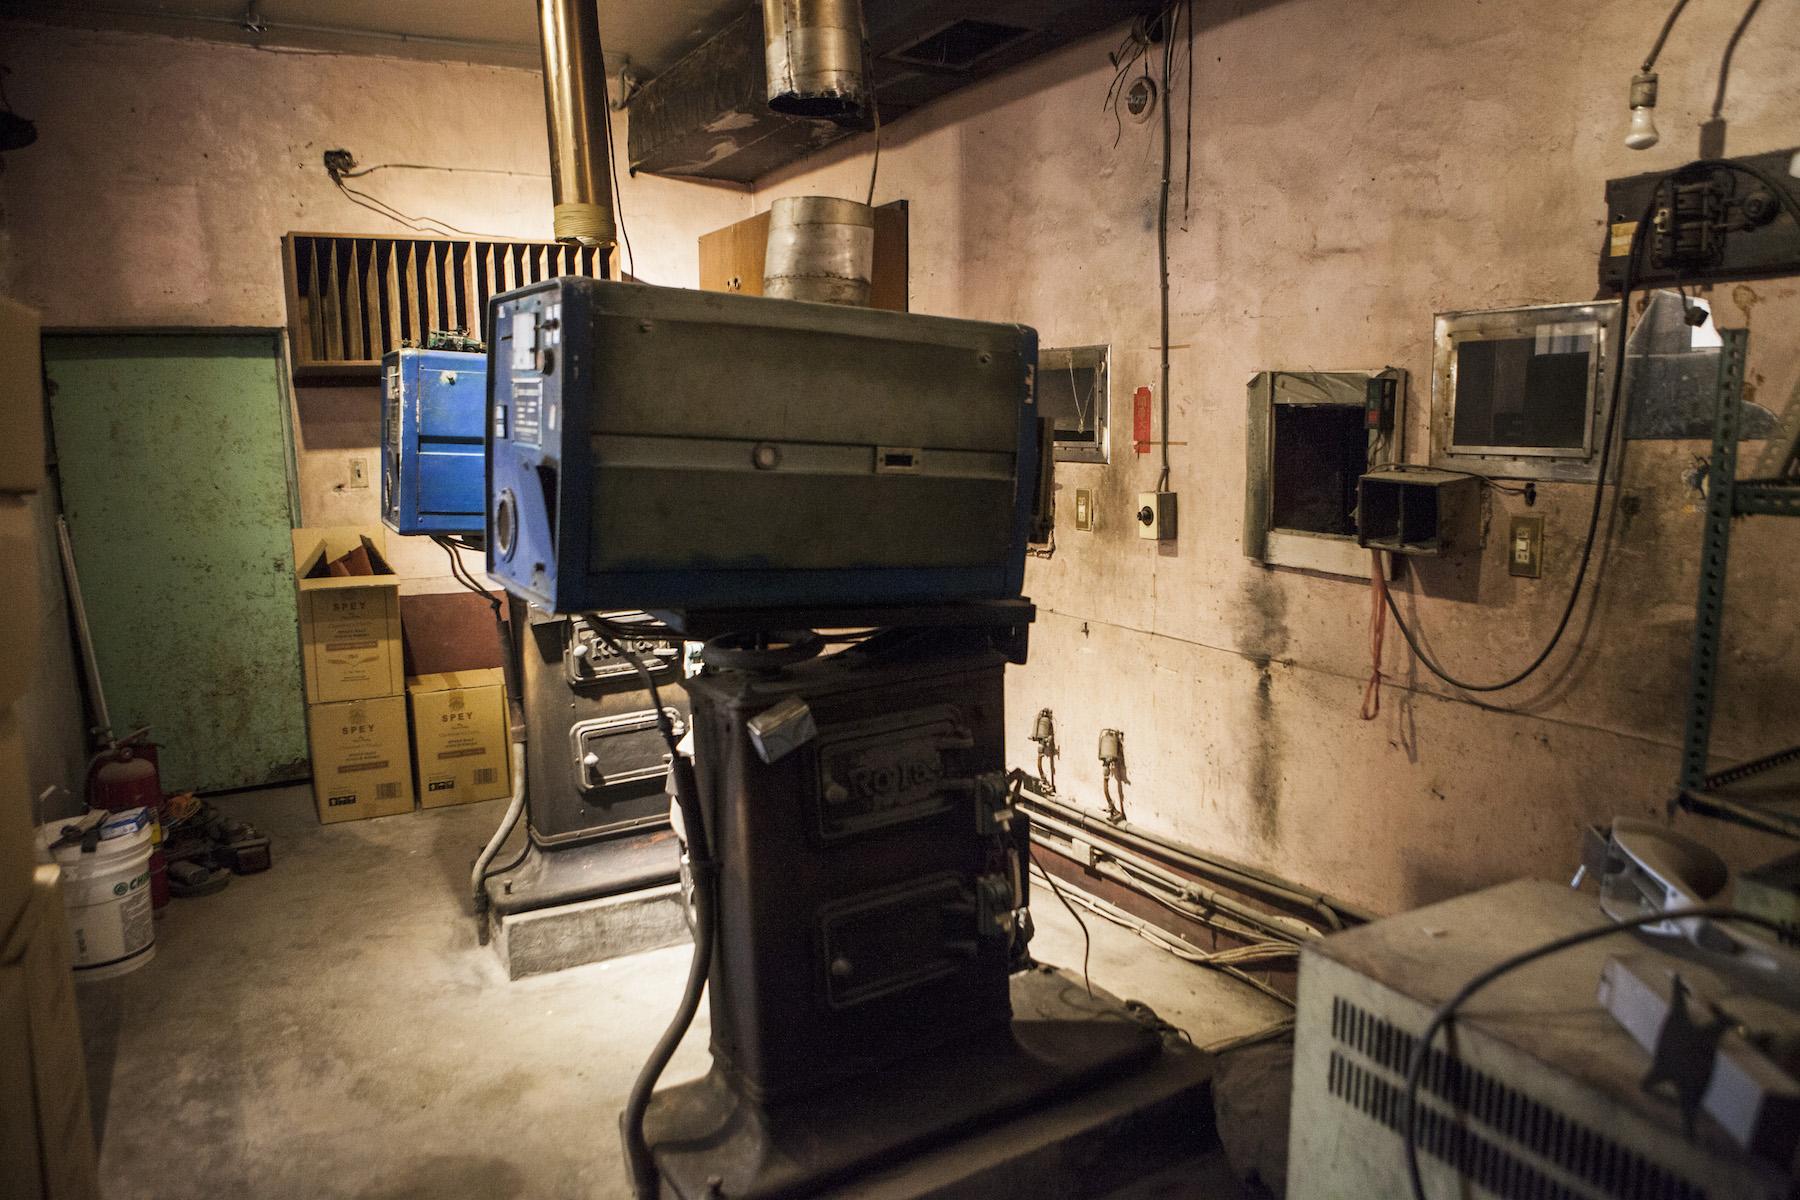 二樓放映室被原封不動保留下來,聽說有不少古董收藏家搶著收購這些放映機。